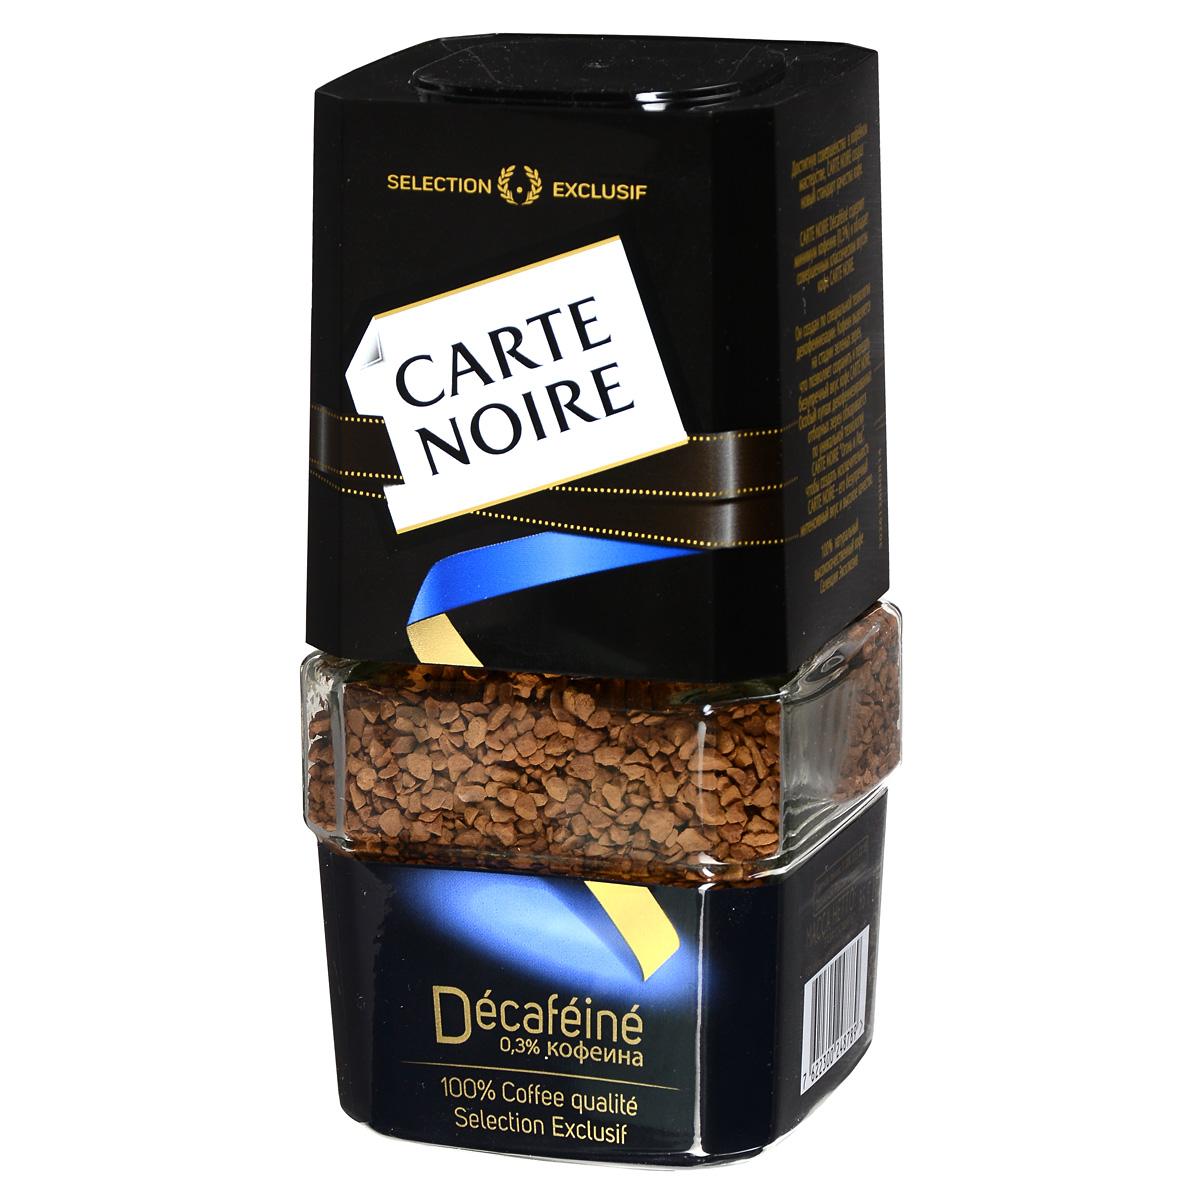 Carte Noire Decafeine кофе растворимый, 95 г (стеклянная банка)604354Carte Noire Decafeine содержит минимум кофеина (0,3%) и обладает совершенным классическим вкусом кофе Carte Noire. Он создан по специальной технологии декофеинизации: кофеин выделяется на стадии зеленых зерен, что позволяет сохранить и передать безупречный вкус кофе Carte Noire. Особый купаж декофеинезированных отборных зерен обжариваются по уникальной технологии Carte Noire Огонь и Лед, чтобы создать исключительность Carte Noire - его безупречный интенсивный вкус и высокое качество.